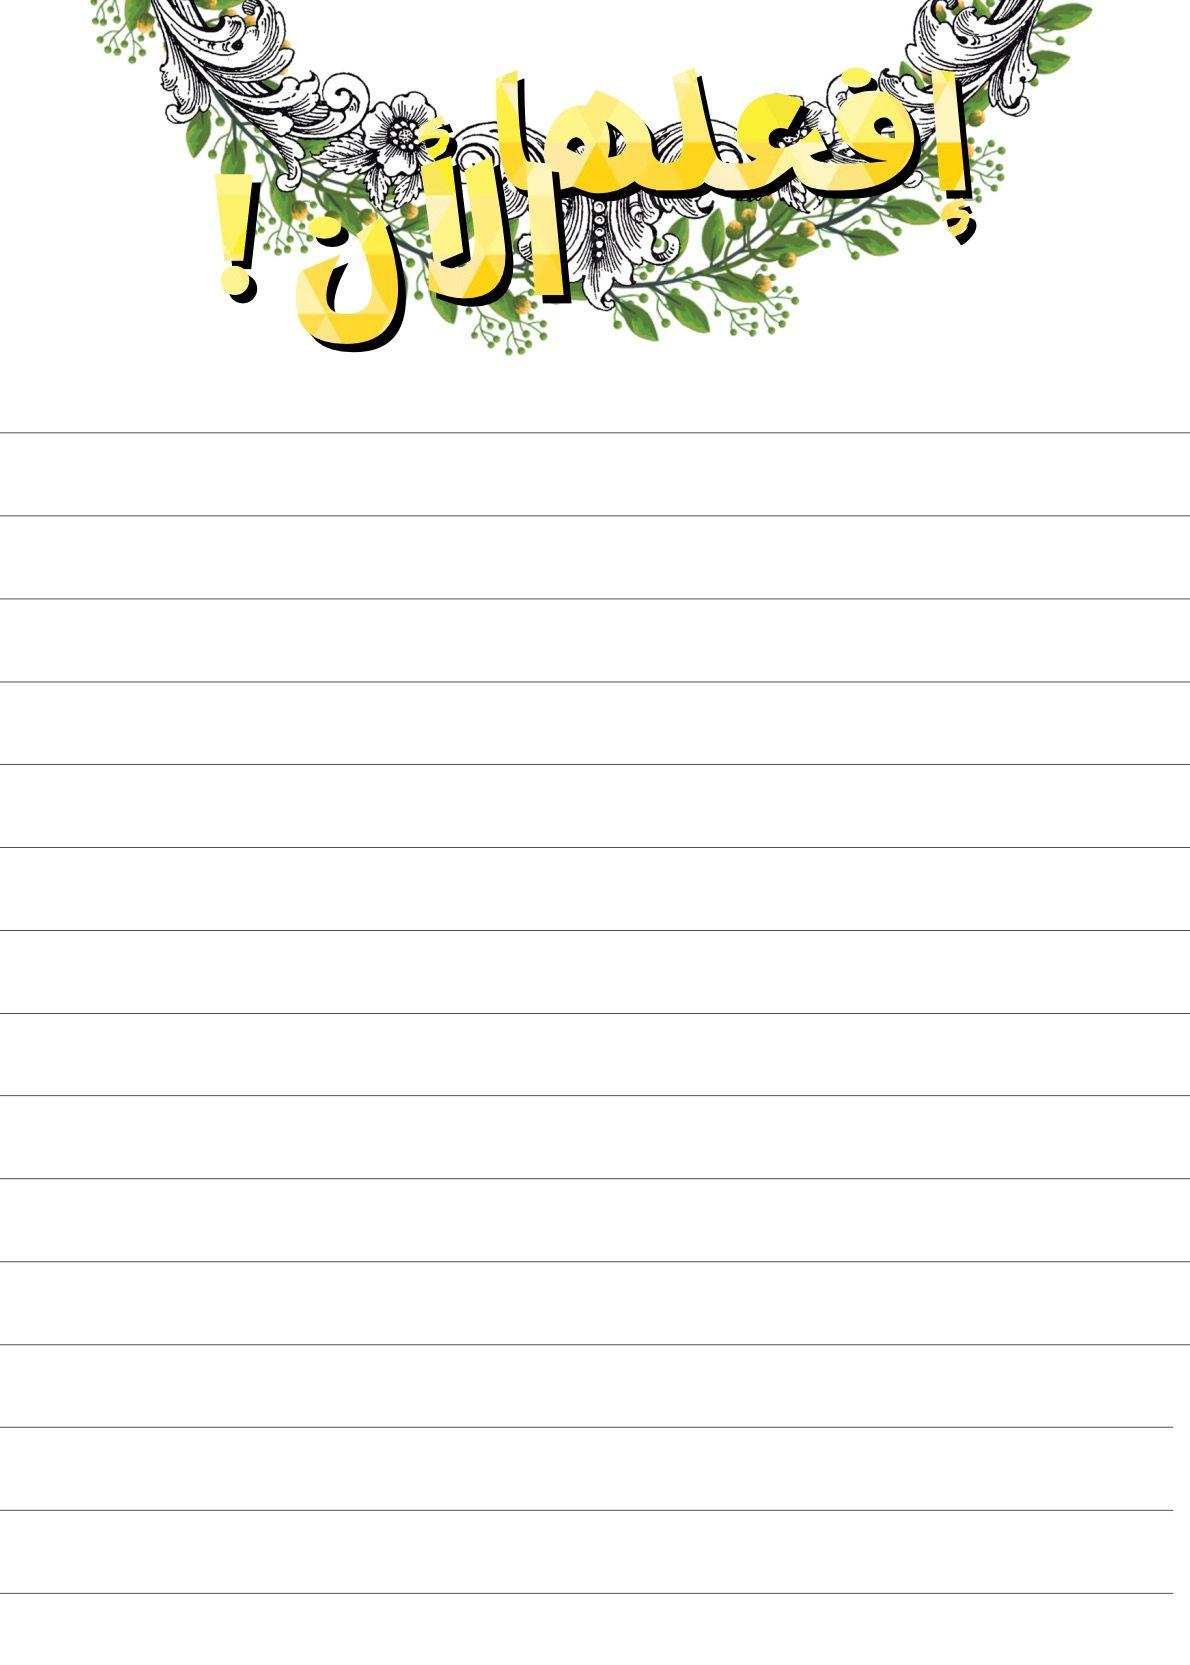 تصميم بسيط جدا ورقه مسطره بحجم A5 لطباعه تجدون الرابط بالمدونه Clip Art Planner Printable Planner